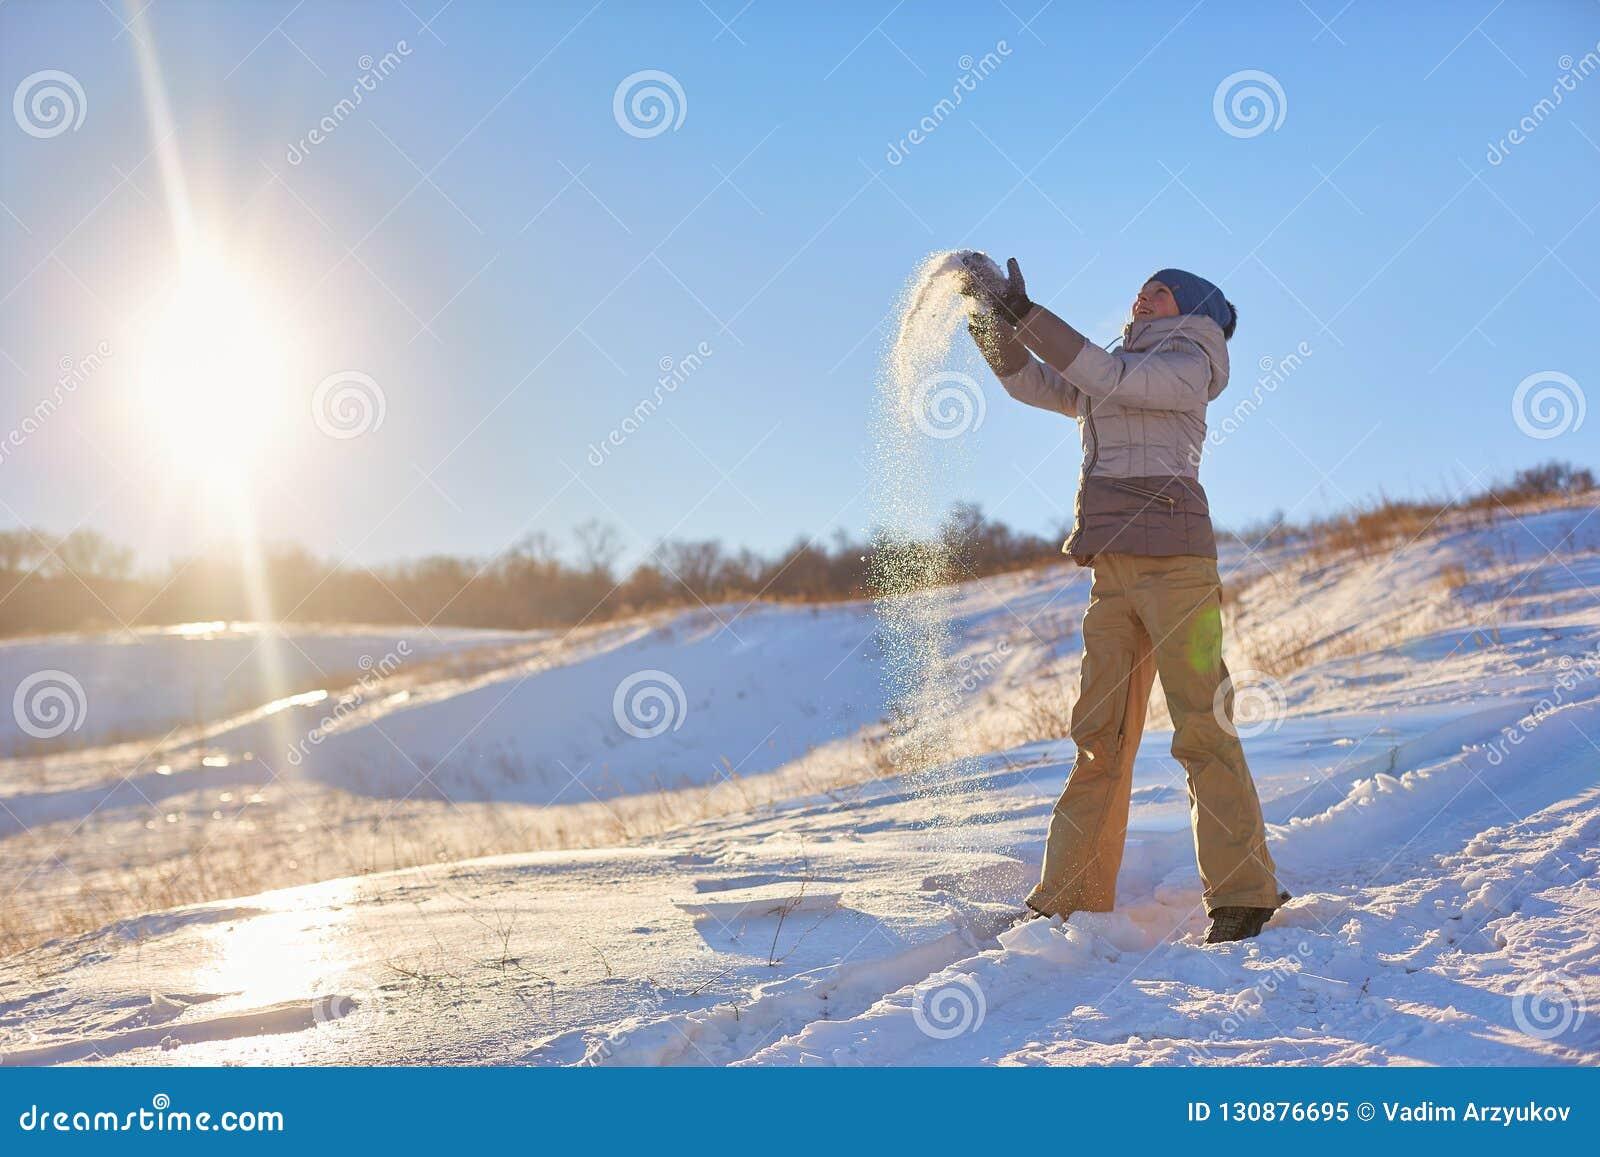 秀丽冬天女孩吹的雪在冷淡的冬天公园 户外 飞行雪花 晴朗的日 由后照 秀丽年轻人